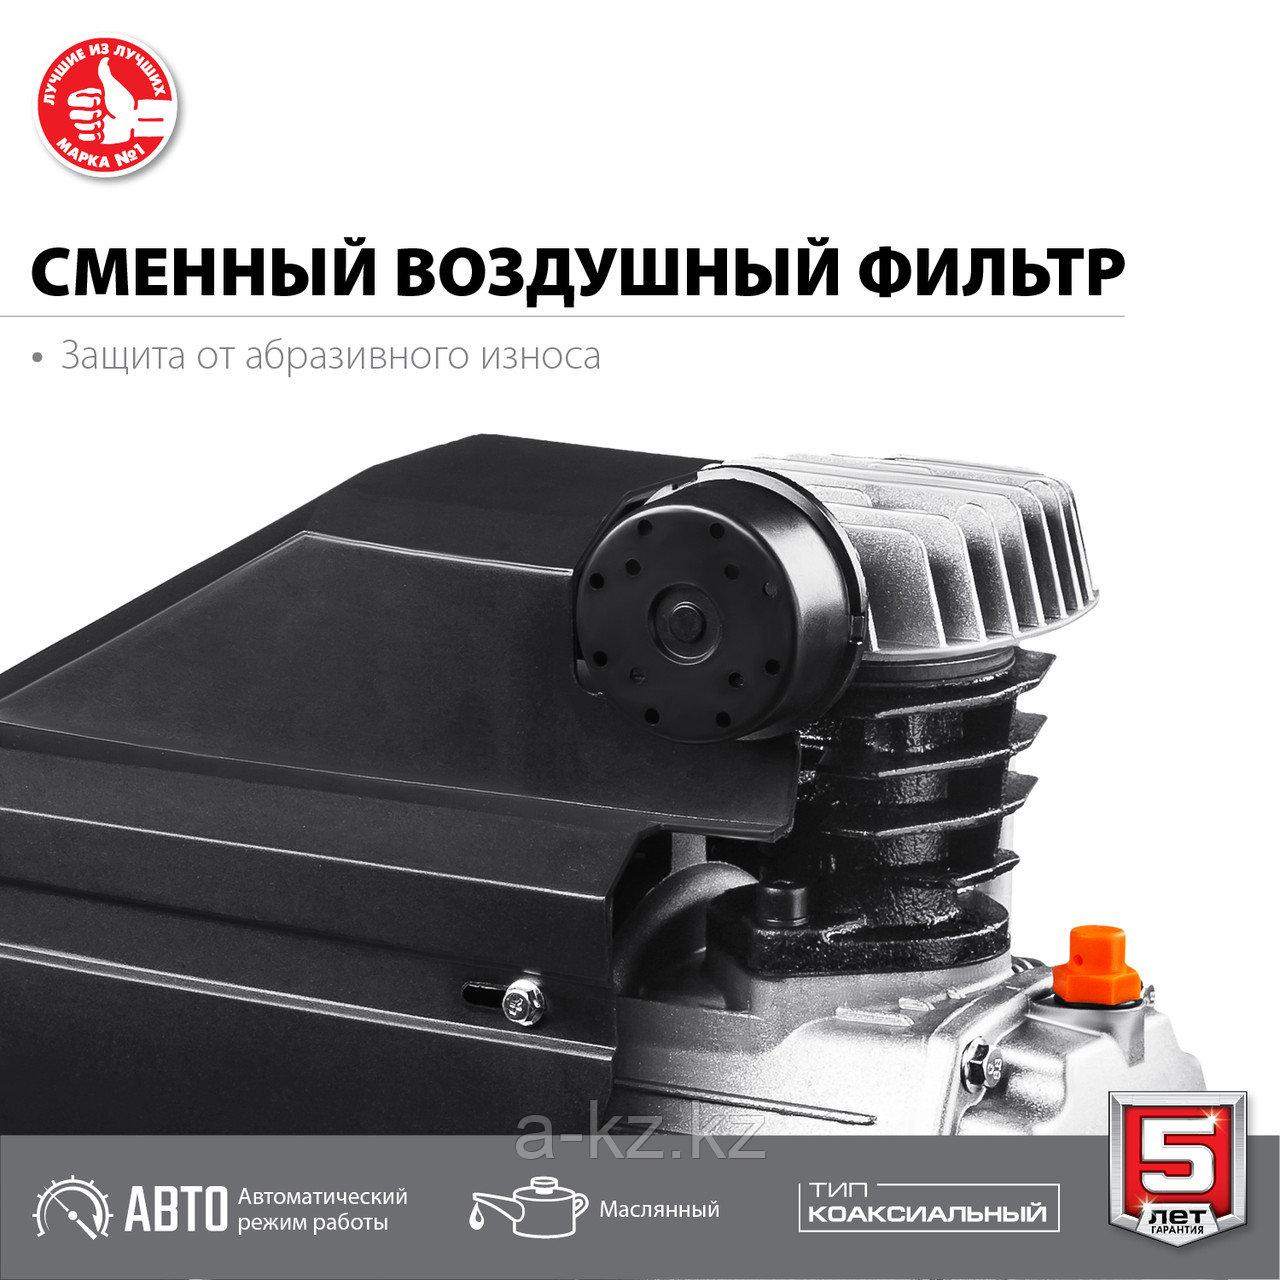 Компрессор воздушный, 240 л/мин, 24 л, 1500 Вт, ЗУБР - фото 2